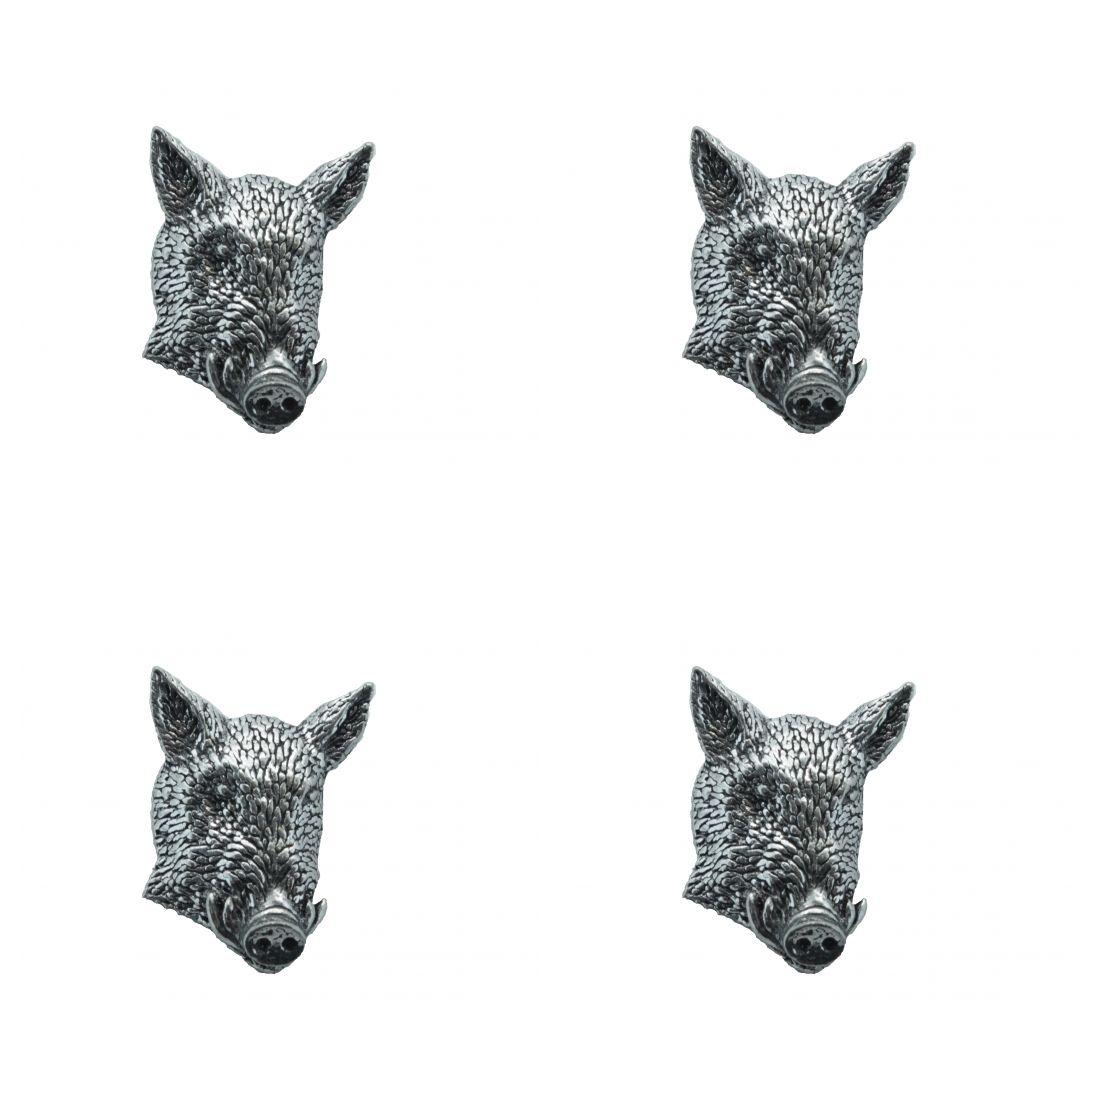 4x Pin Anstecker Badge Wildschweinkopf 1, 3,7x2,1cm